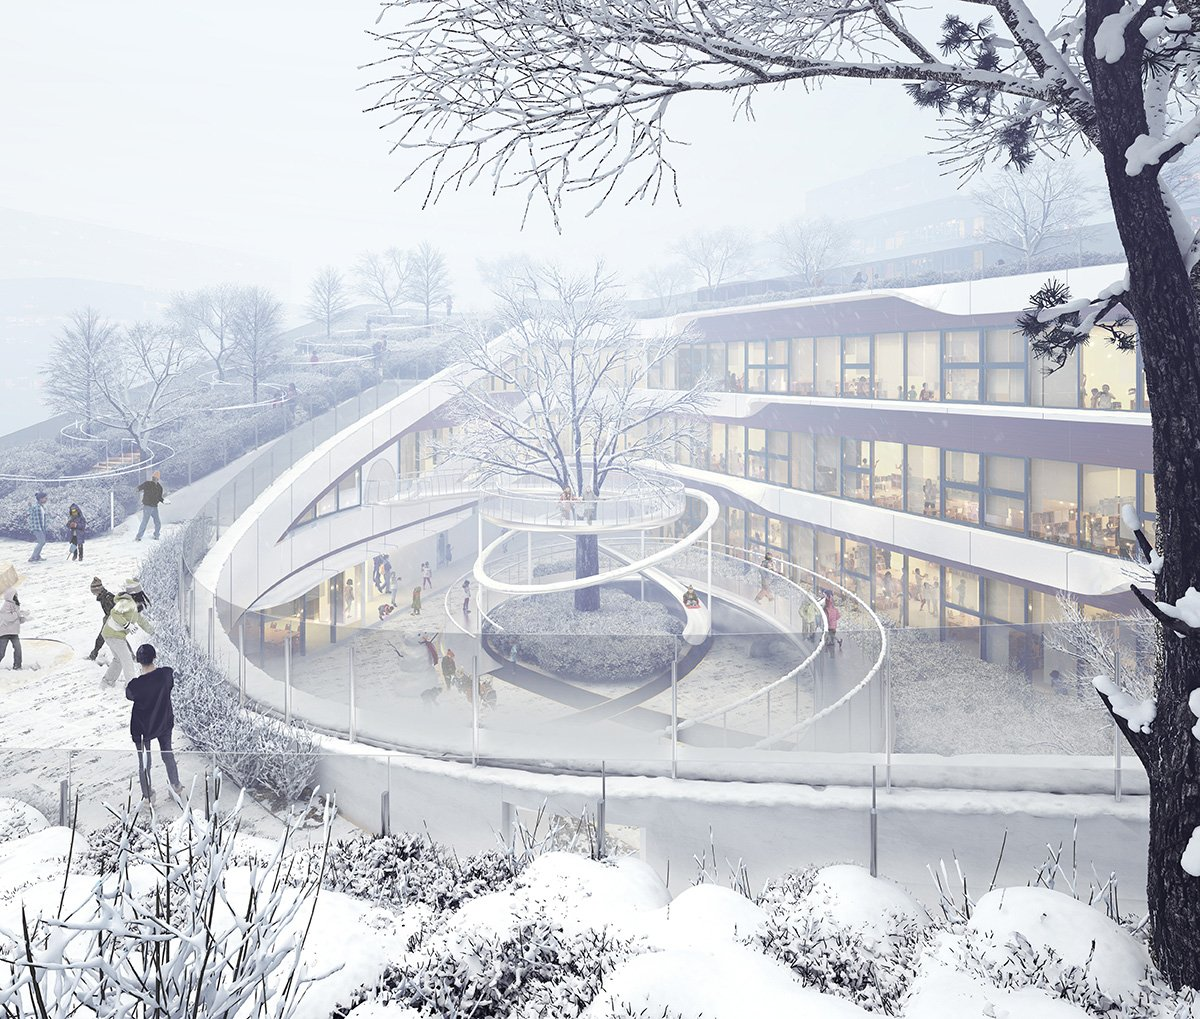 Rendering - 2. Snowing Day SAN}